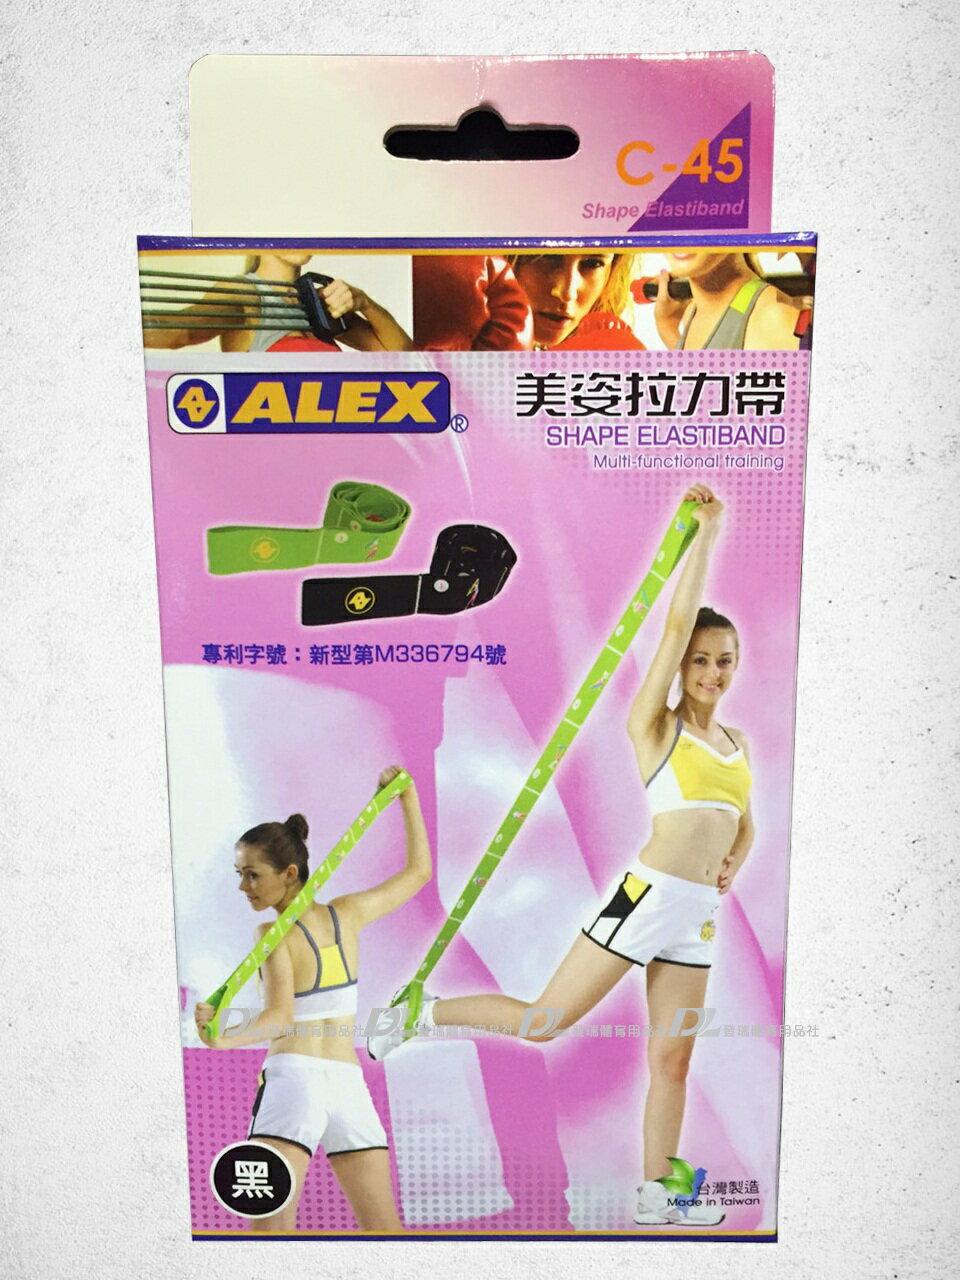 【登瑞體育】ALEX 美姿拉力帶  C-4501